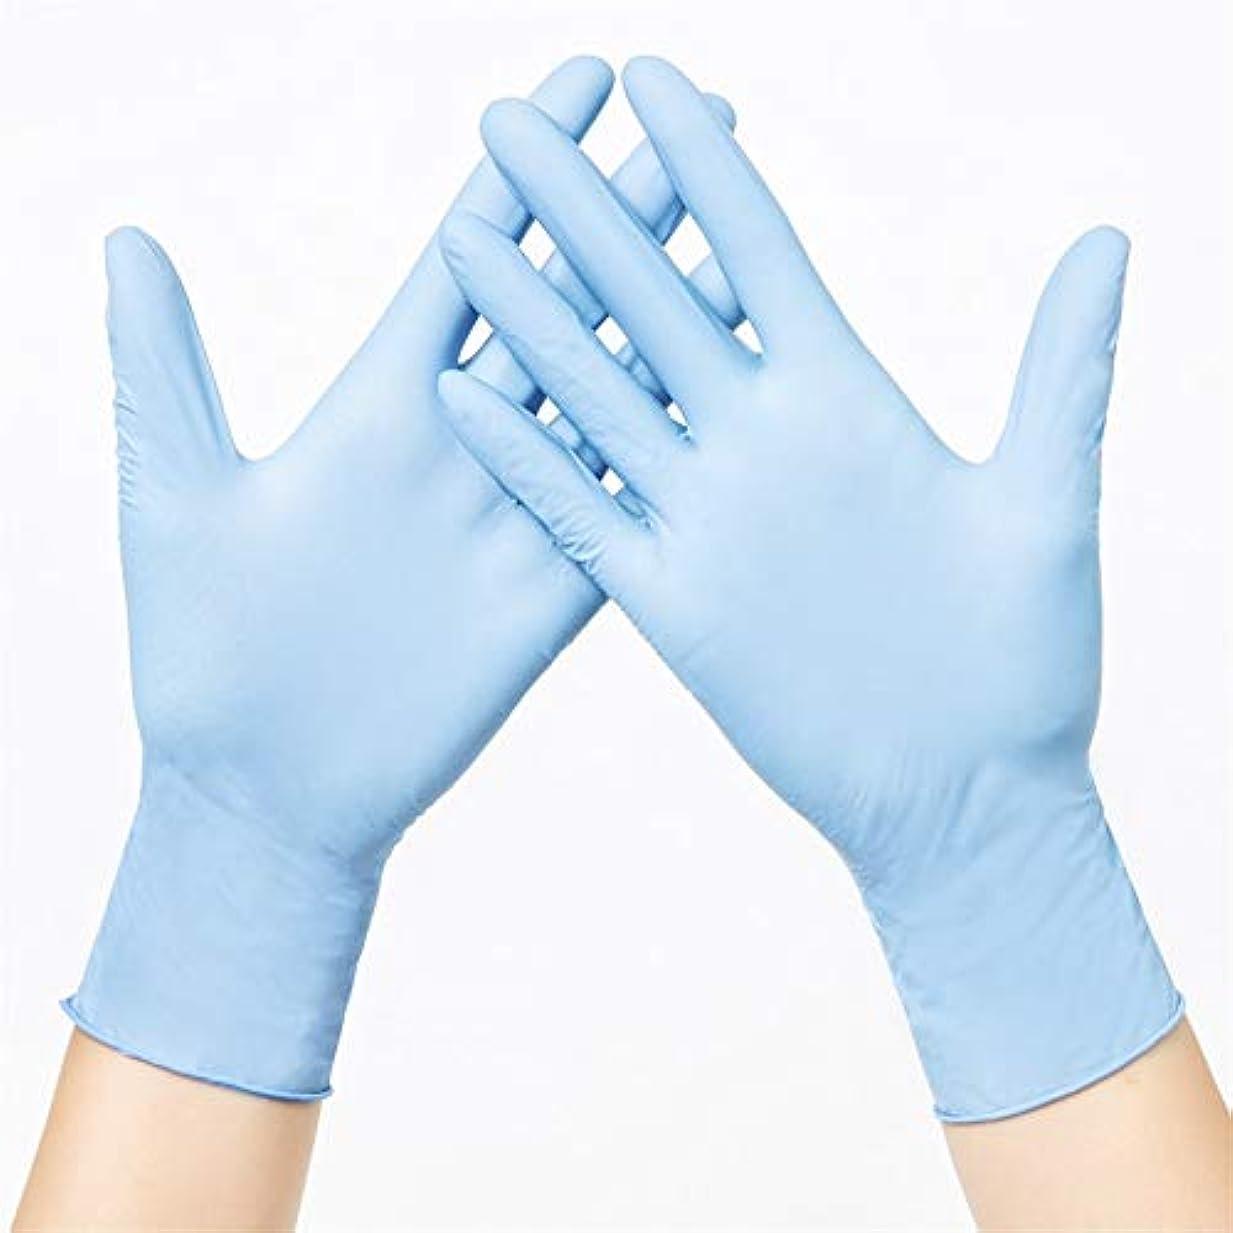 者葉巻カイウスニトリルゴム手袋 使い捨て手袋ゴム製超薄型ハンドウェアラブル防水家庭用手袋、100 使い捨て手袋 (Color : Blue, Size : S)